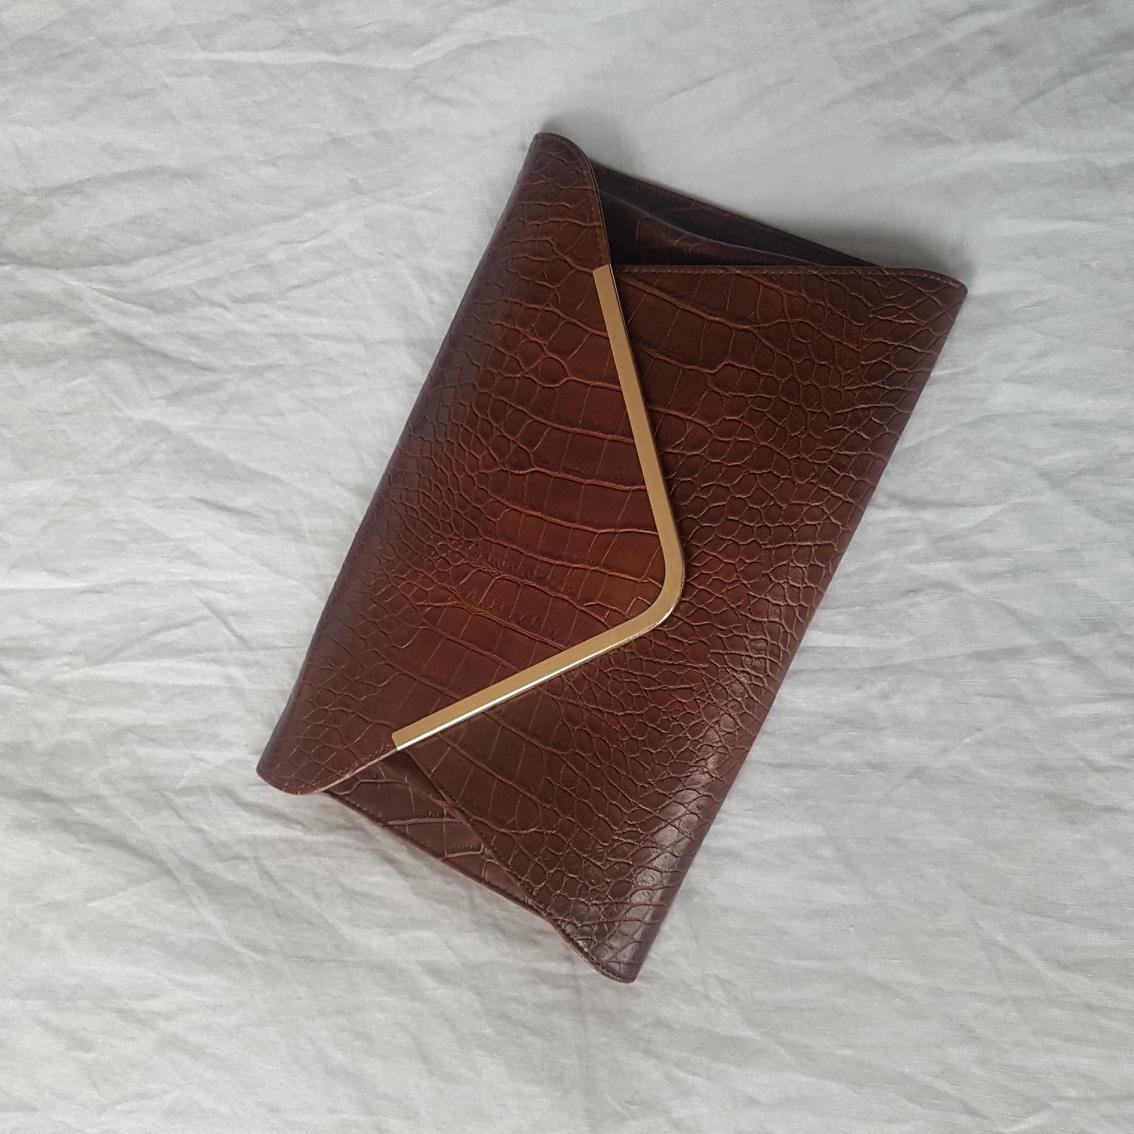 무료배송) 브라운 클러치 클러치백 파우치 가방 가죽가방